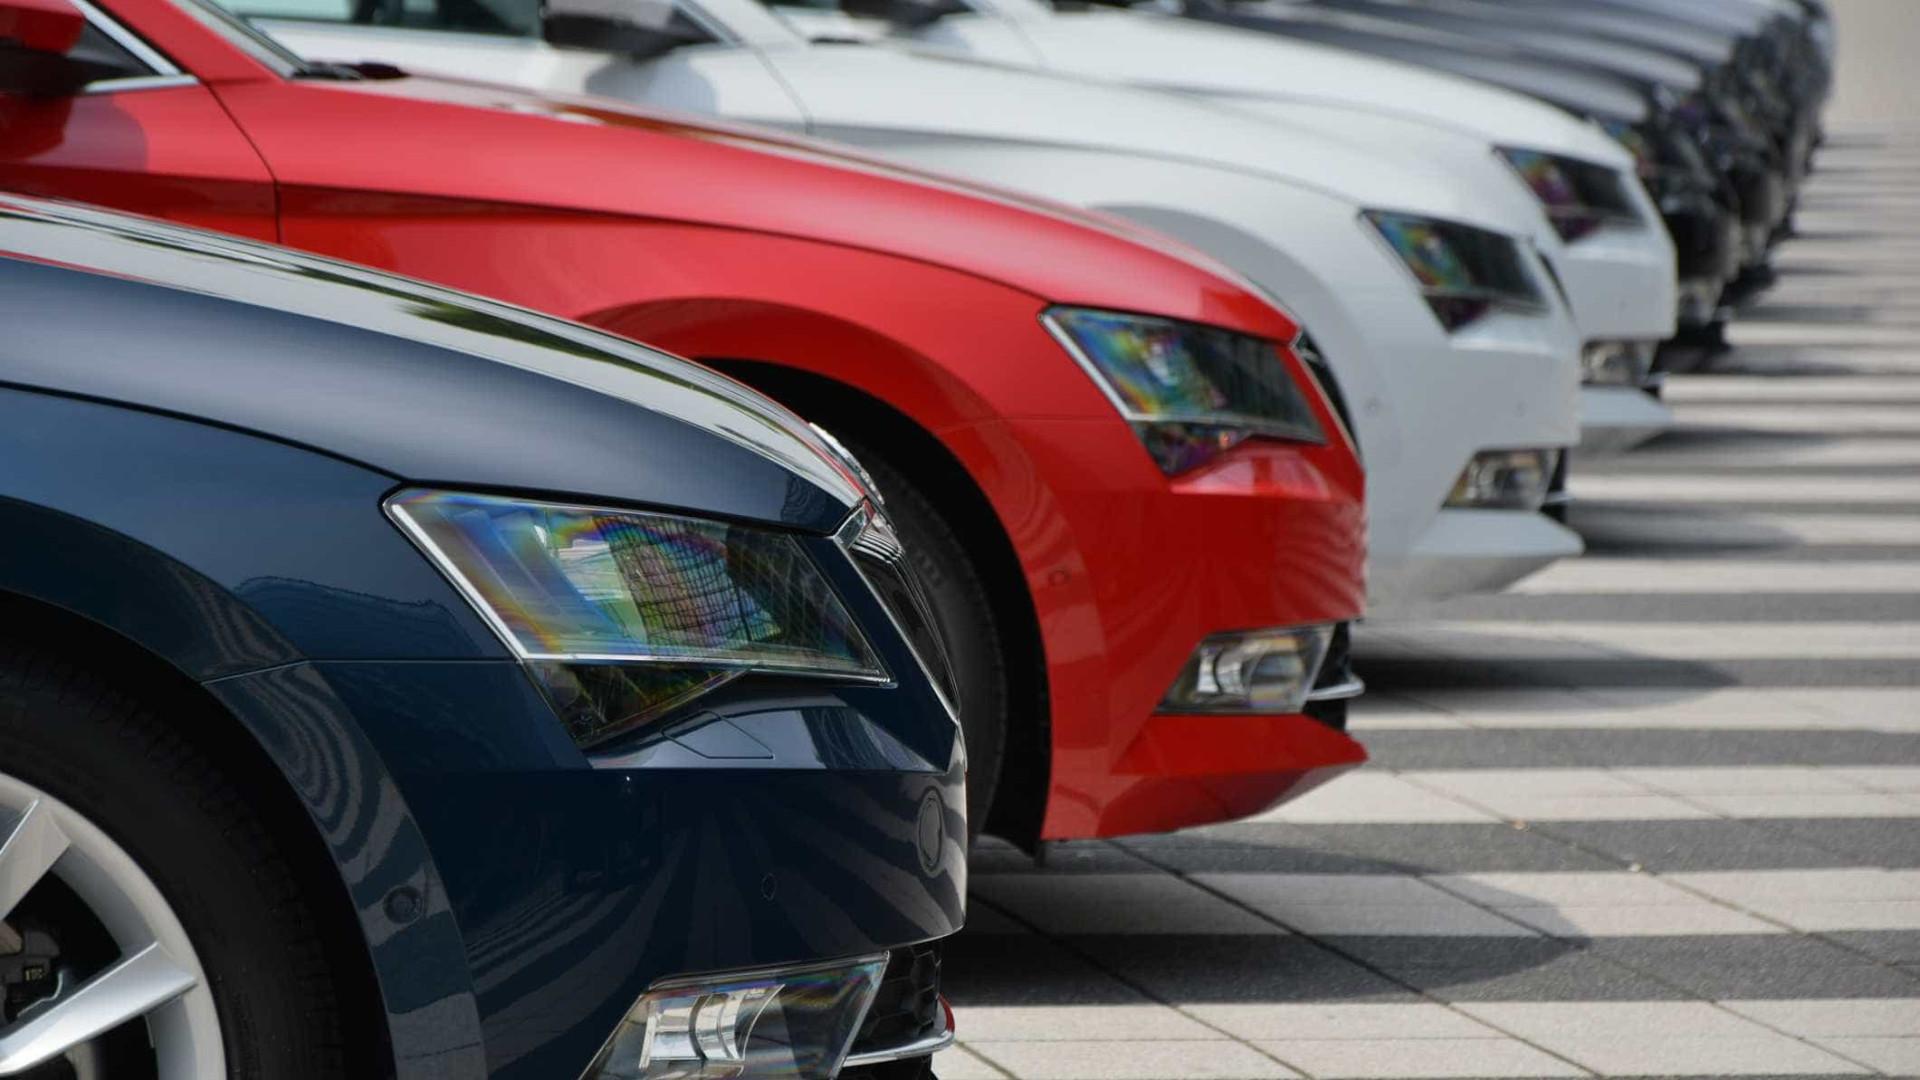 Veículos com mais de 10 anos responsáveis por mais de 80% das emissões